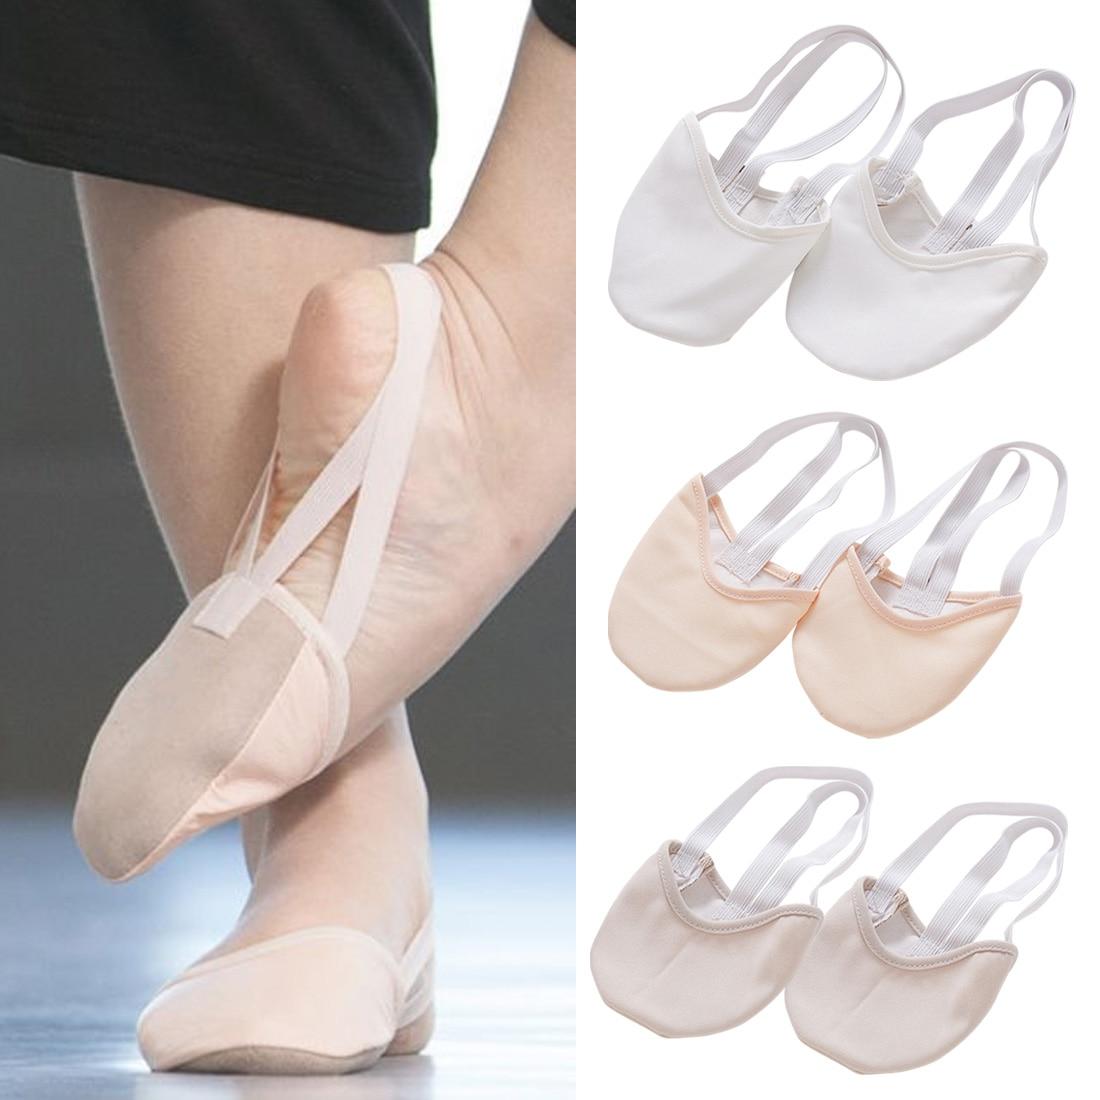 Gorące pół długości do gimnastyki artystycznej buty Roupa Ginastica dziecko dorosłych gimnastyka świnia skóra podeszwa buty beżowy taniec taniec